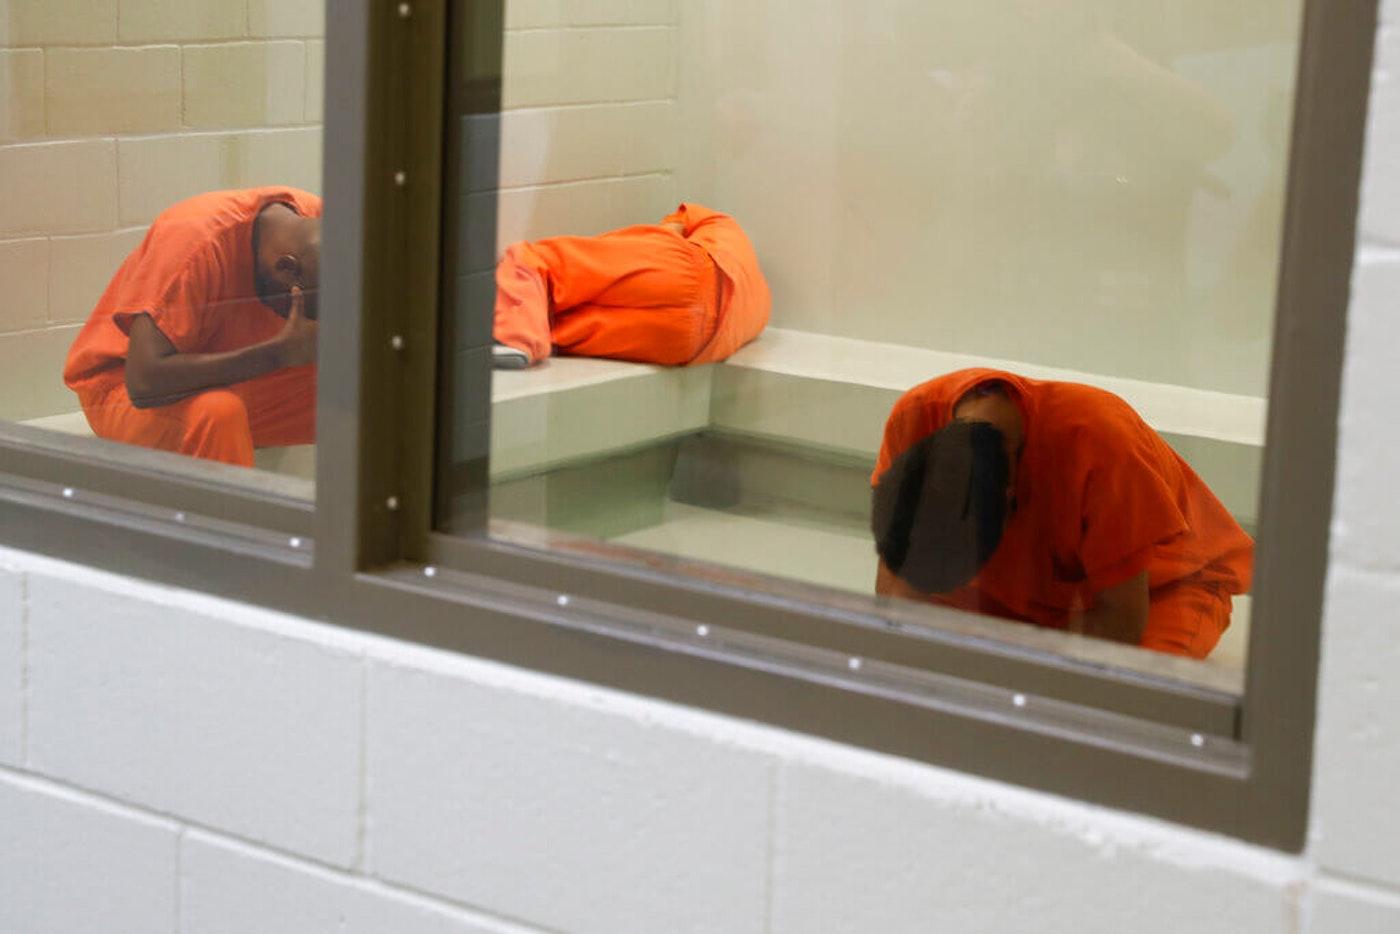 Adelanto ICE center detainees.